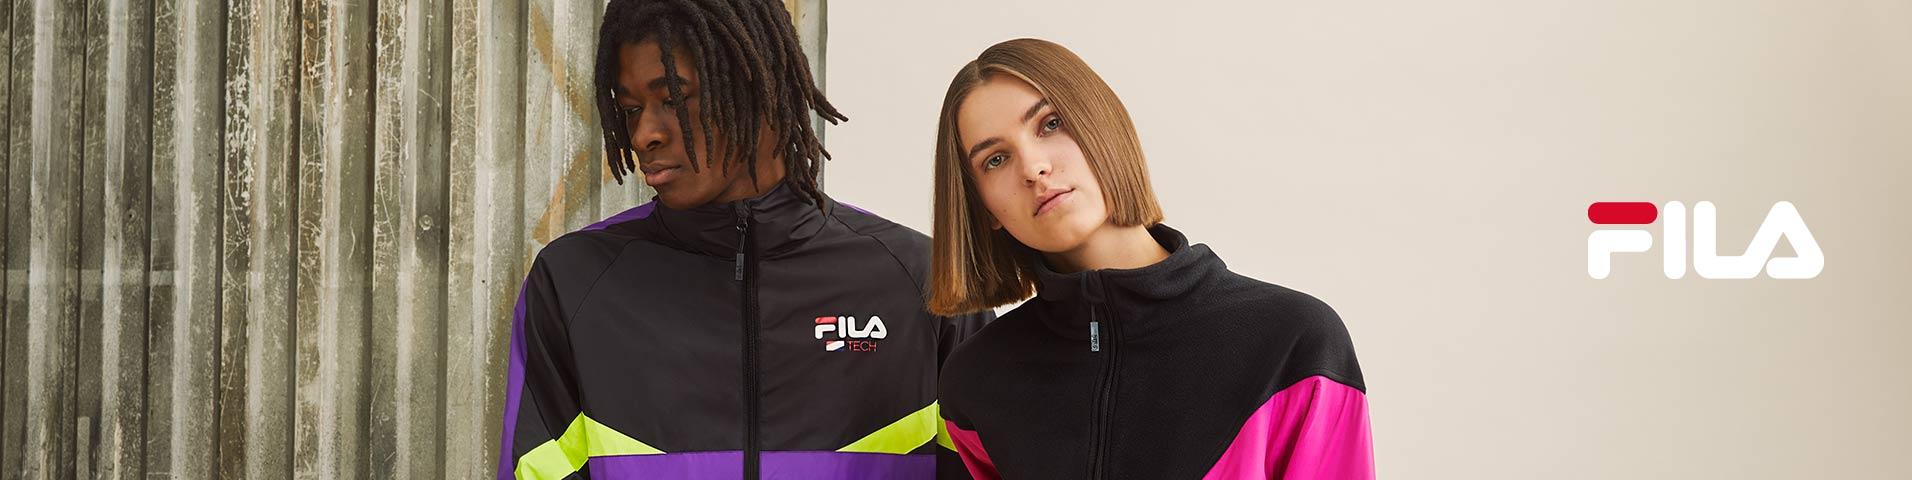 Fila Bekleidung online shoppen | Mode & Marken für alle